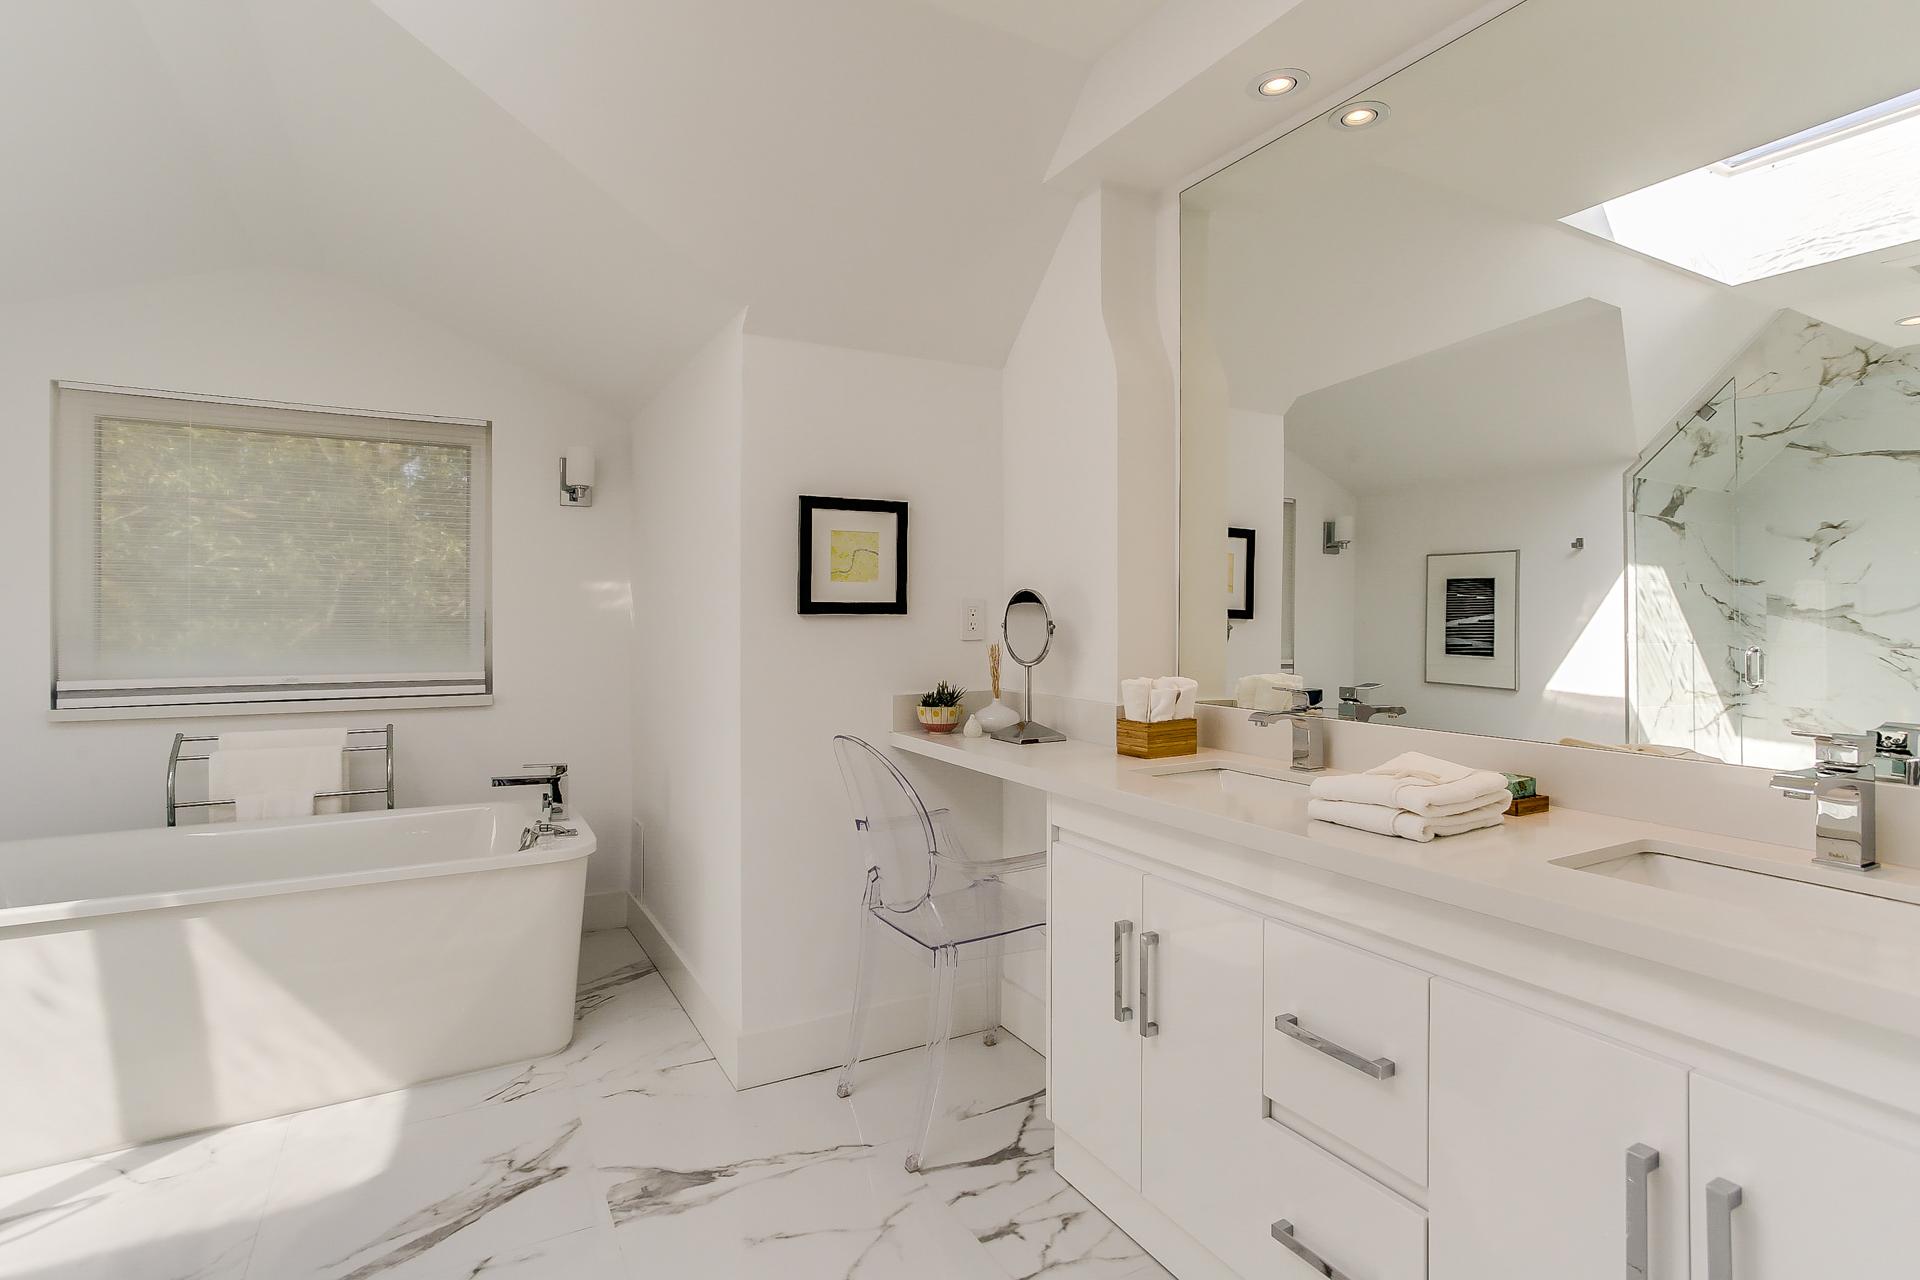 New Home Staging - Master Ensuite Washroom